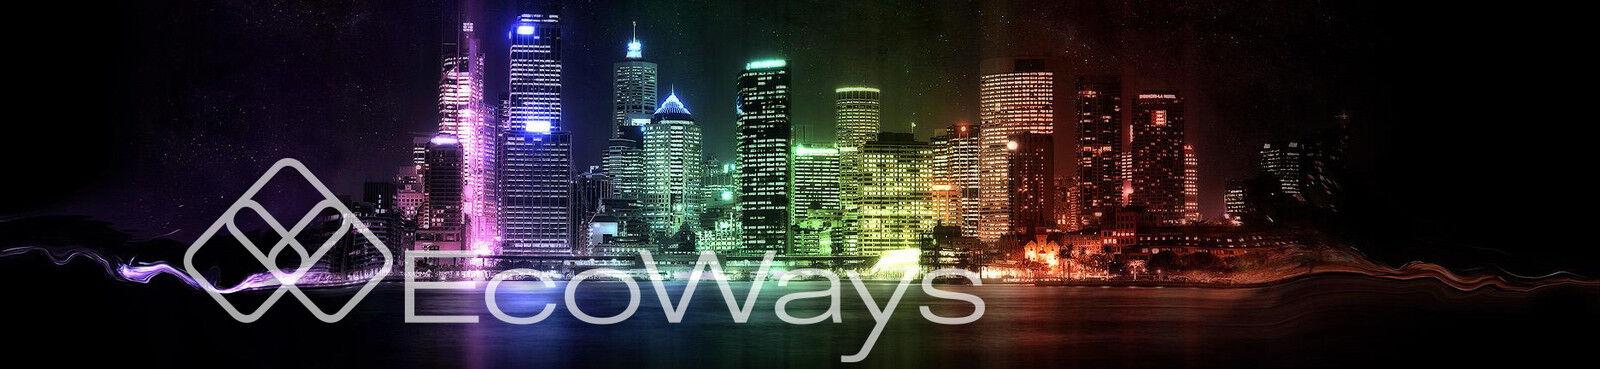 e-ecoways